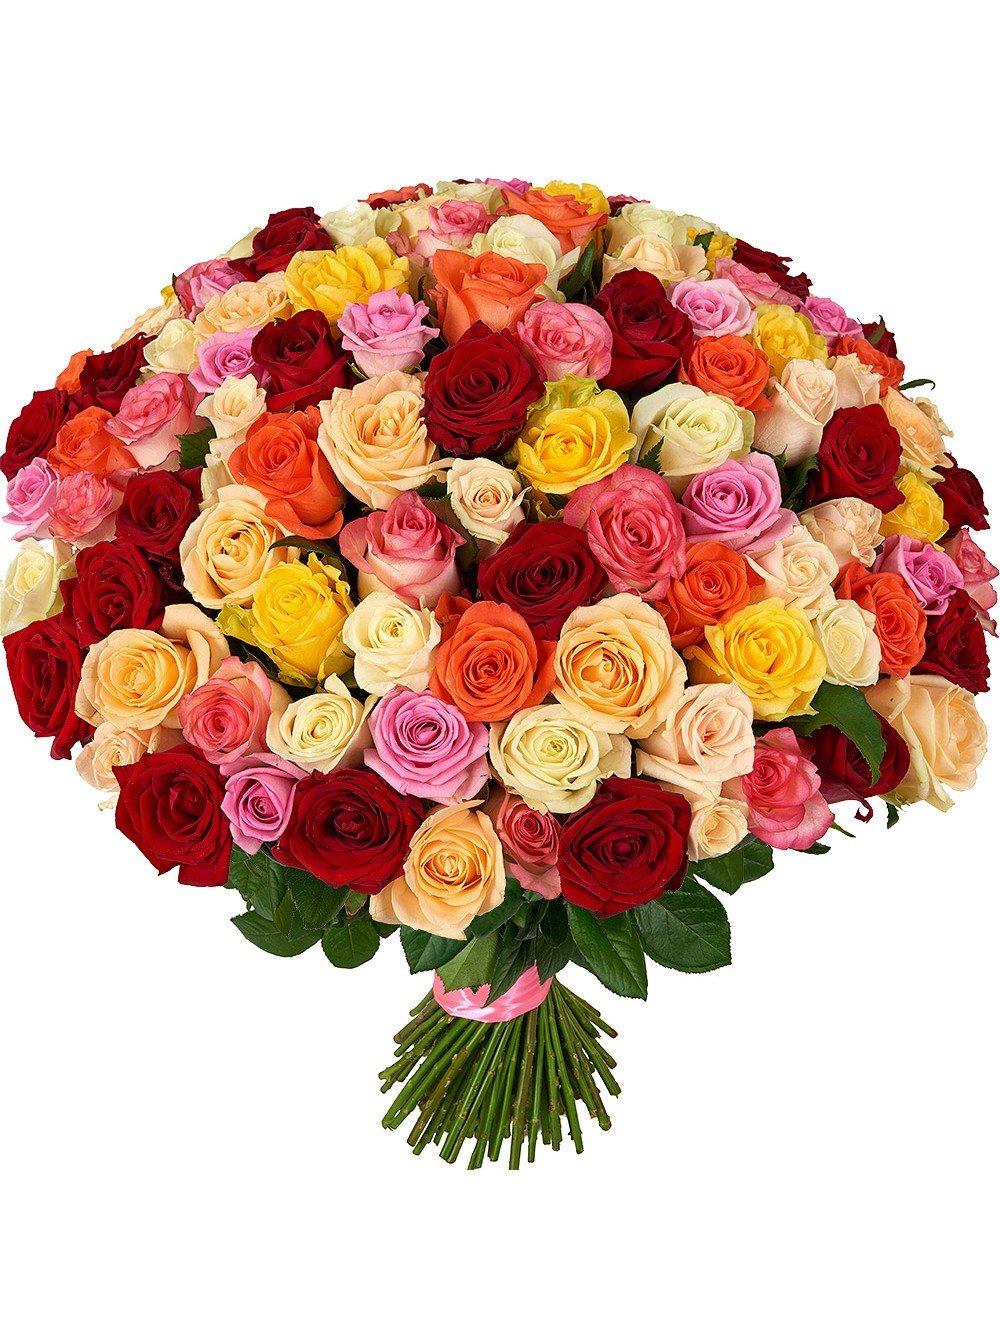 Открытки, заказать букет цветов с открыткой на дом